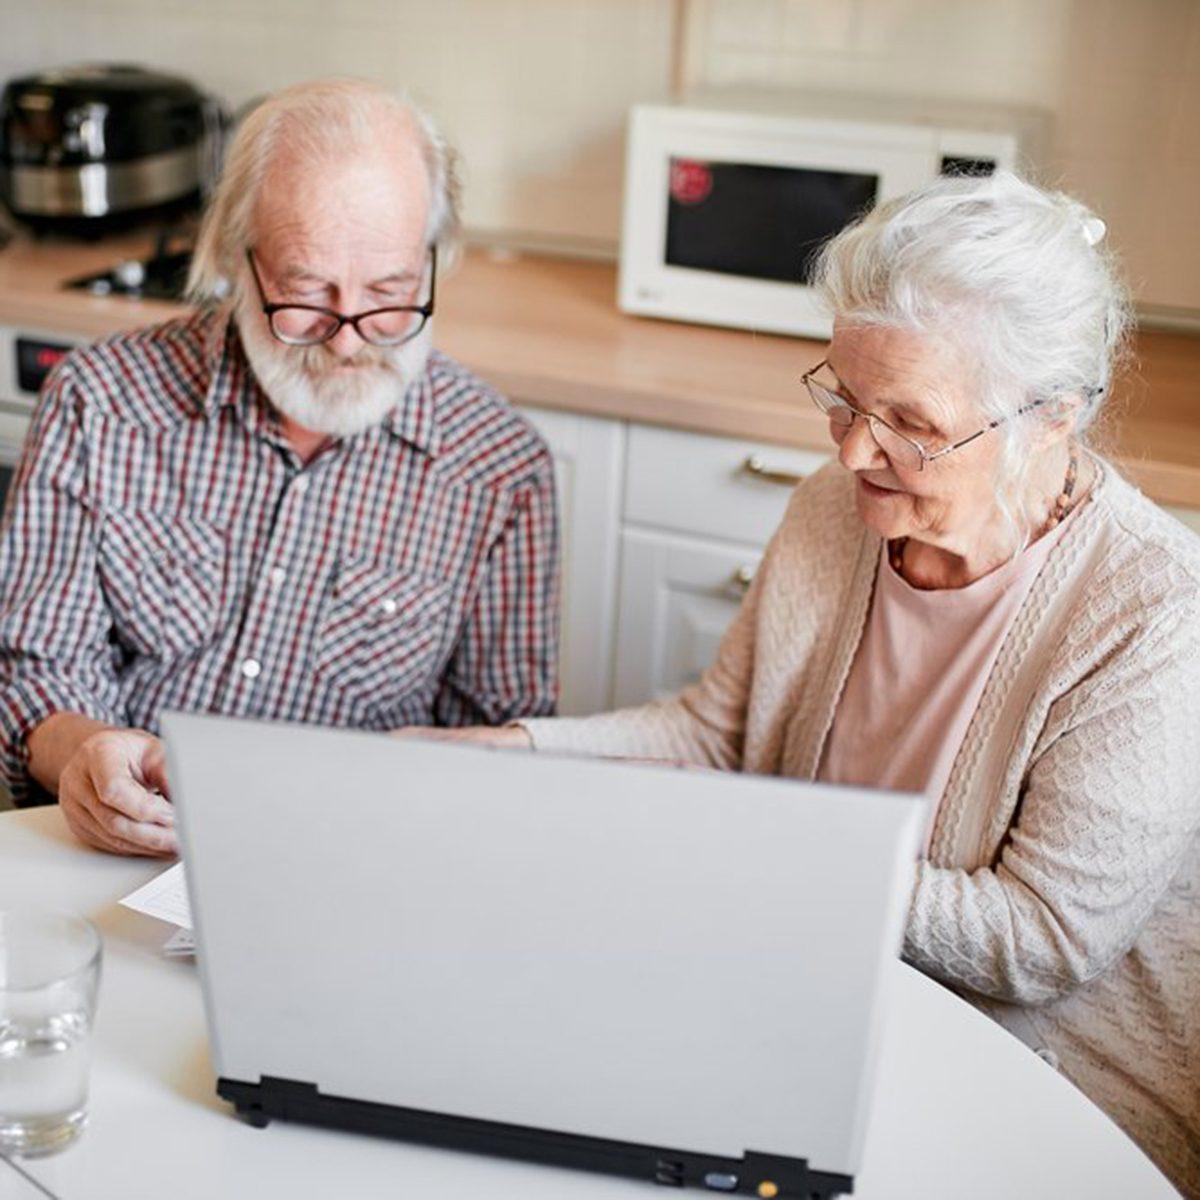 Elderly couple on laptop